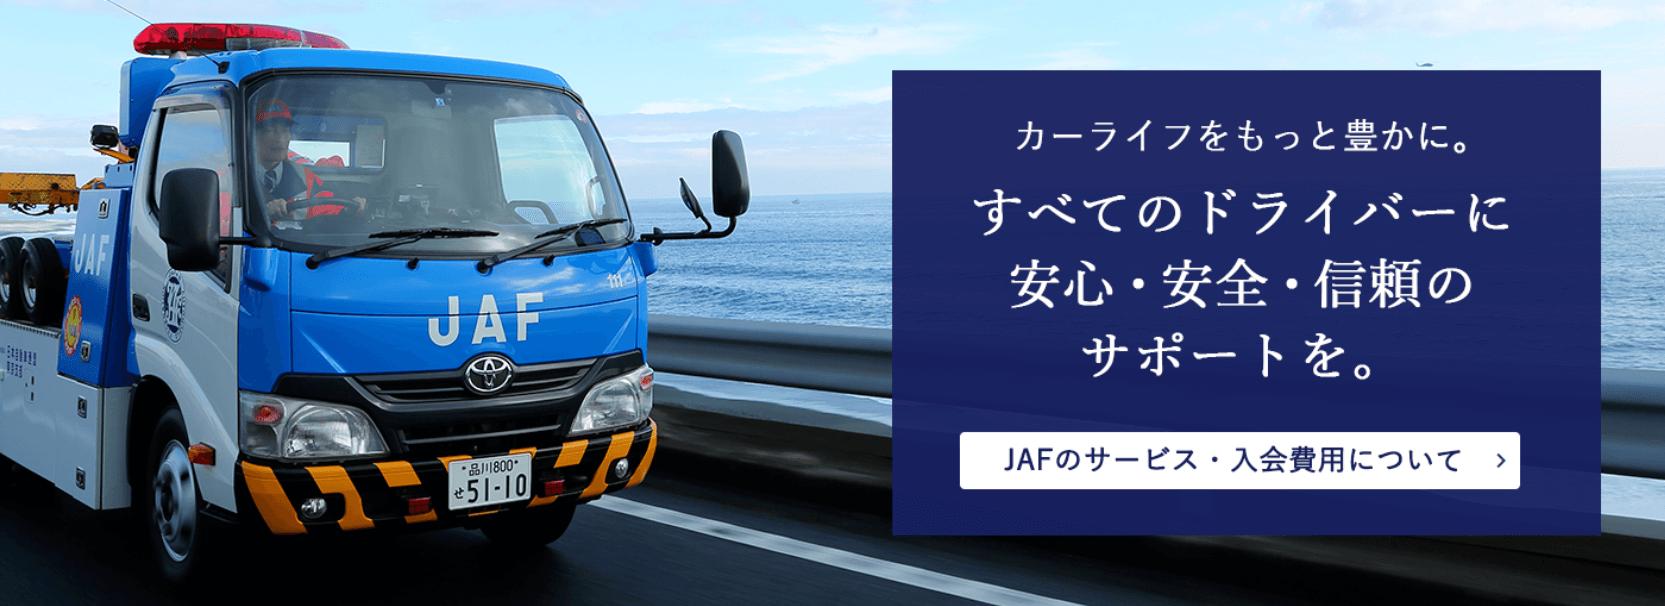 (画像出典:JAF公式サイト)